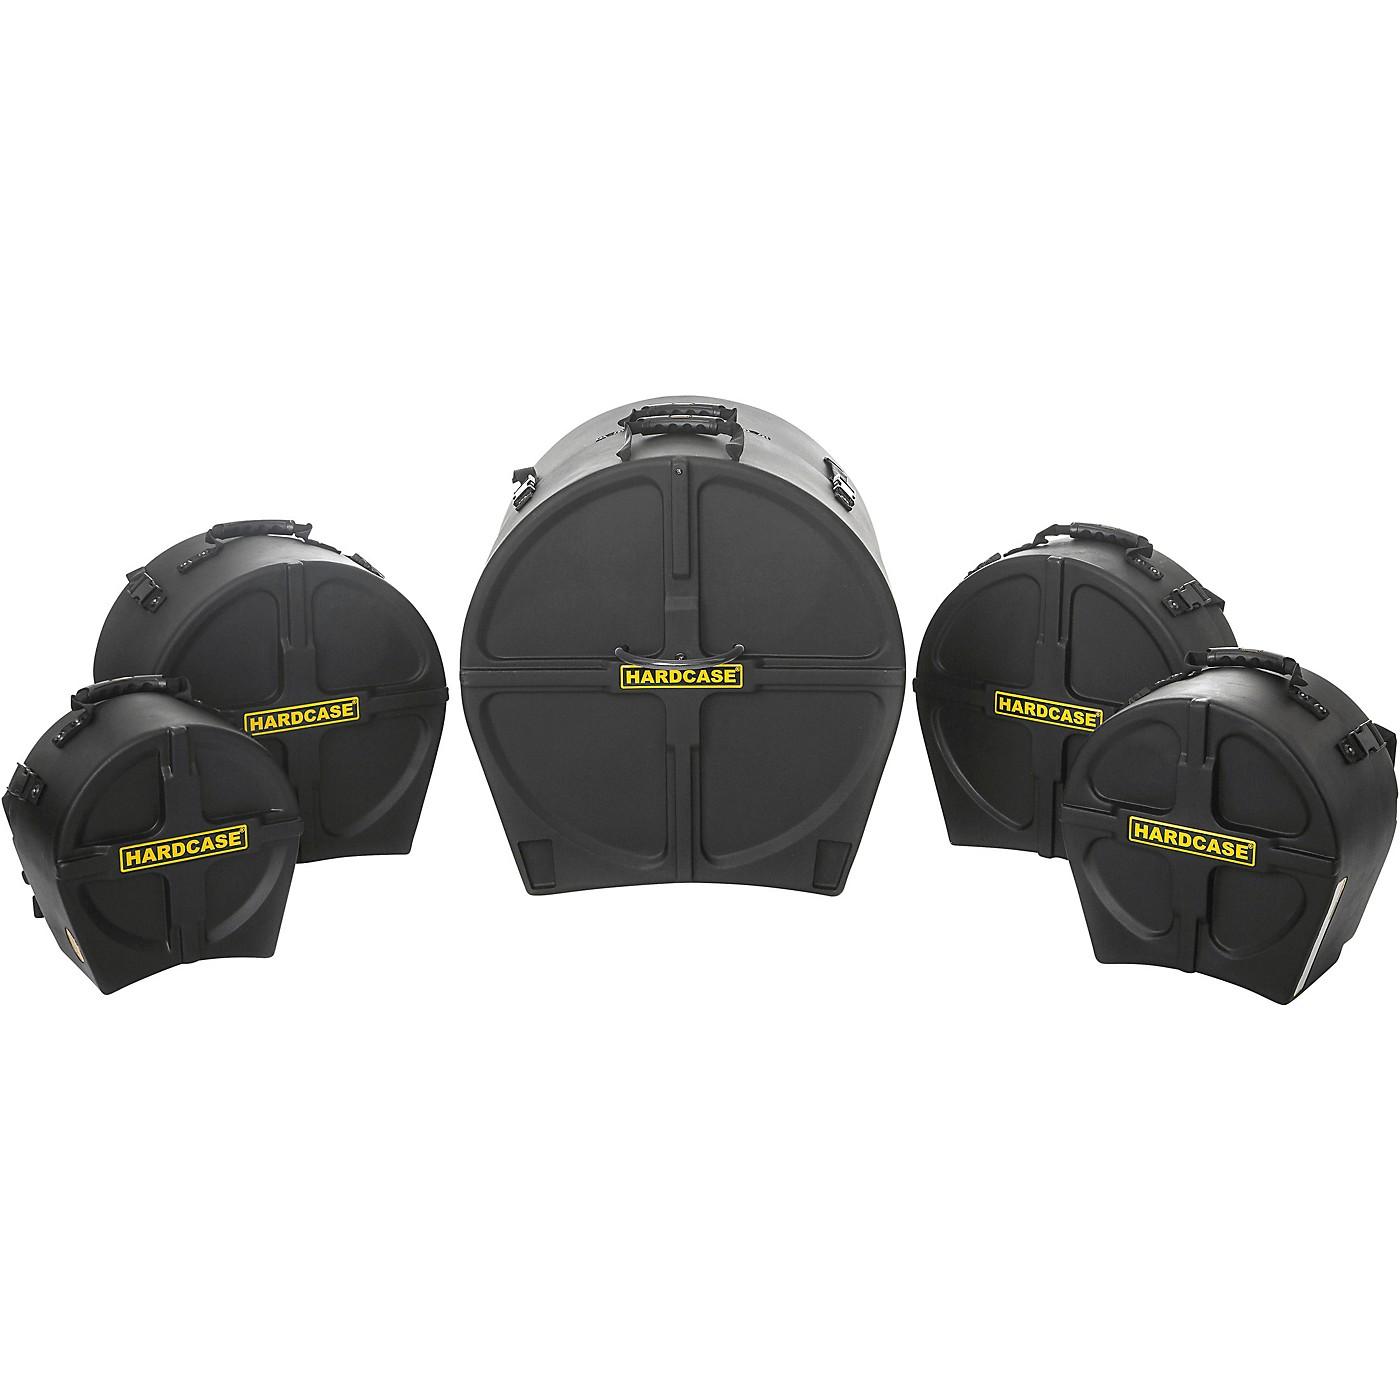 HARDCASE Fusion 5-Piece Drum Case Set thumbnail